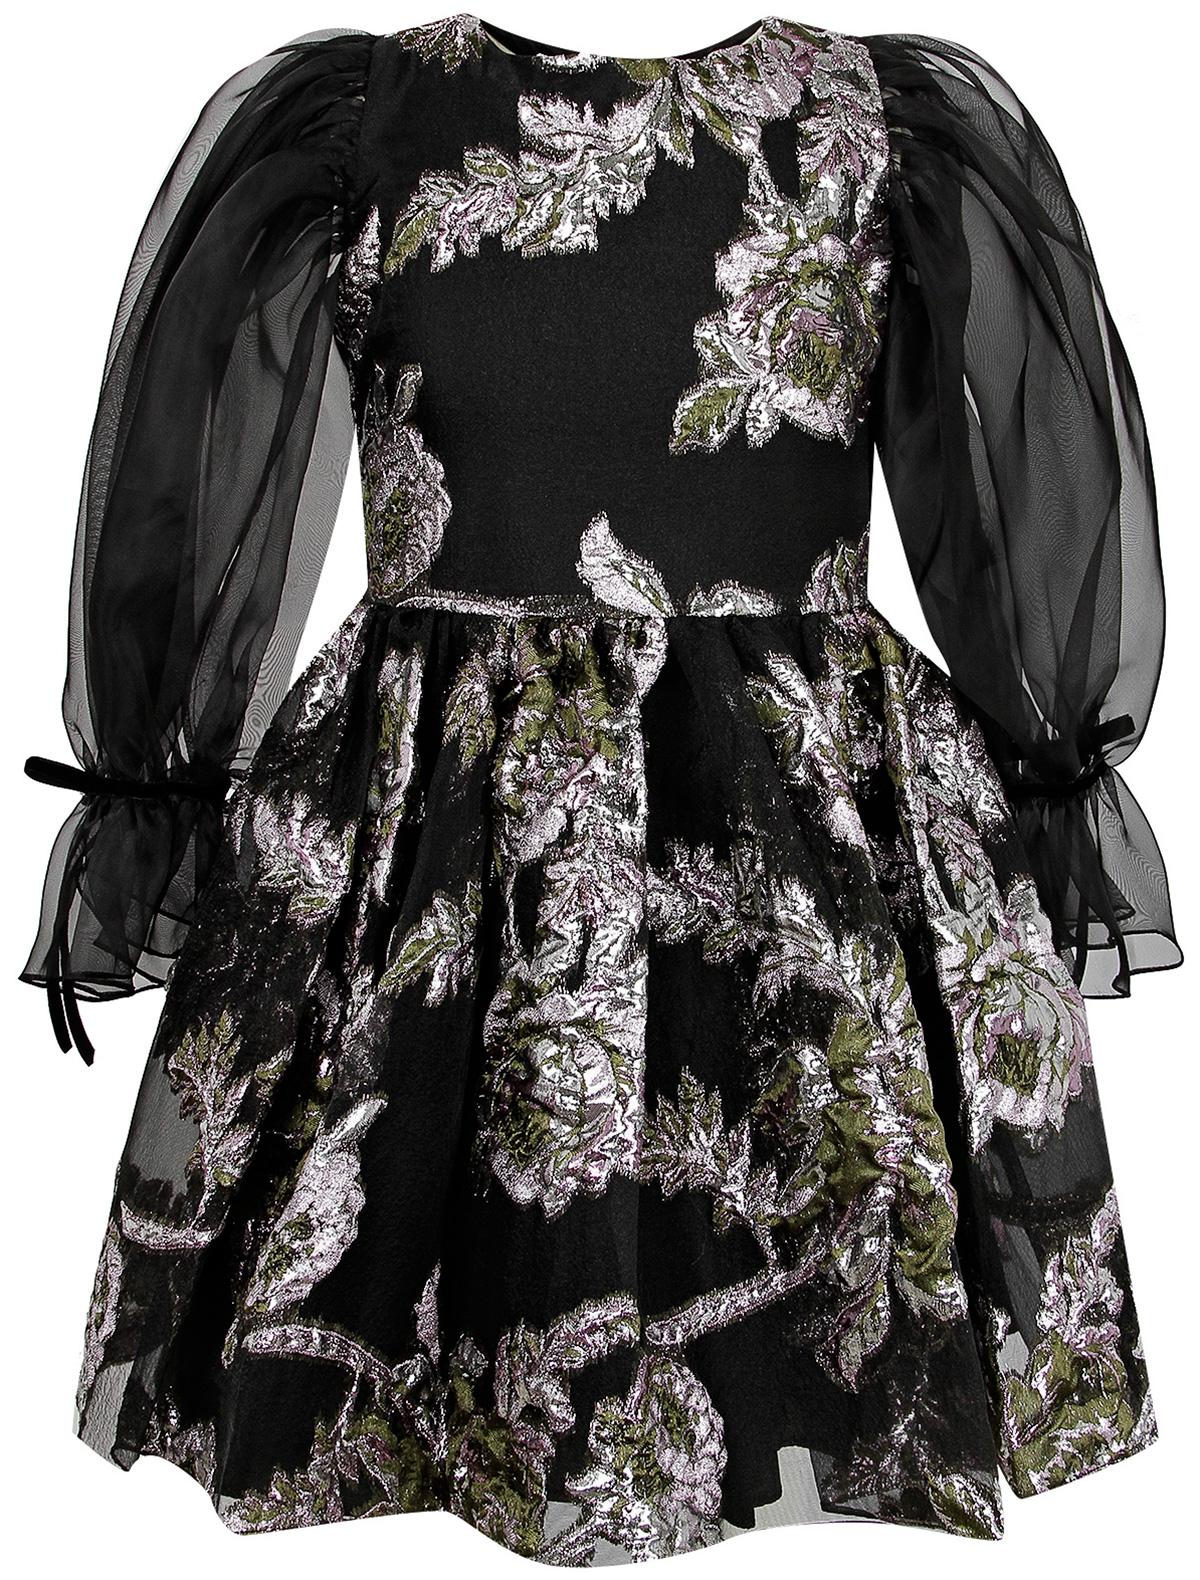 Купить 2125993, Платье David Charles, черный, Женский, 1051109980617